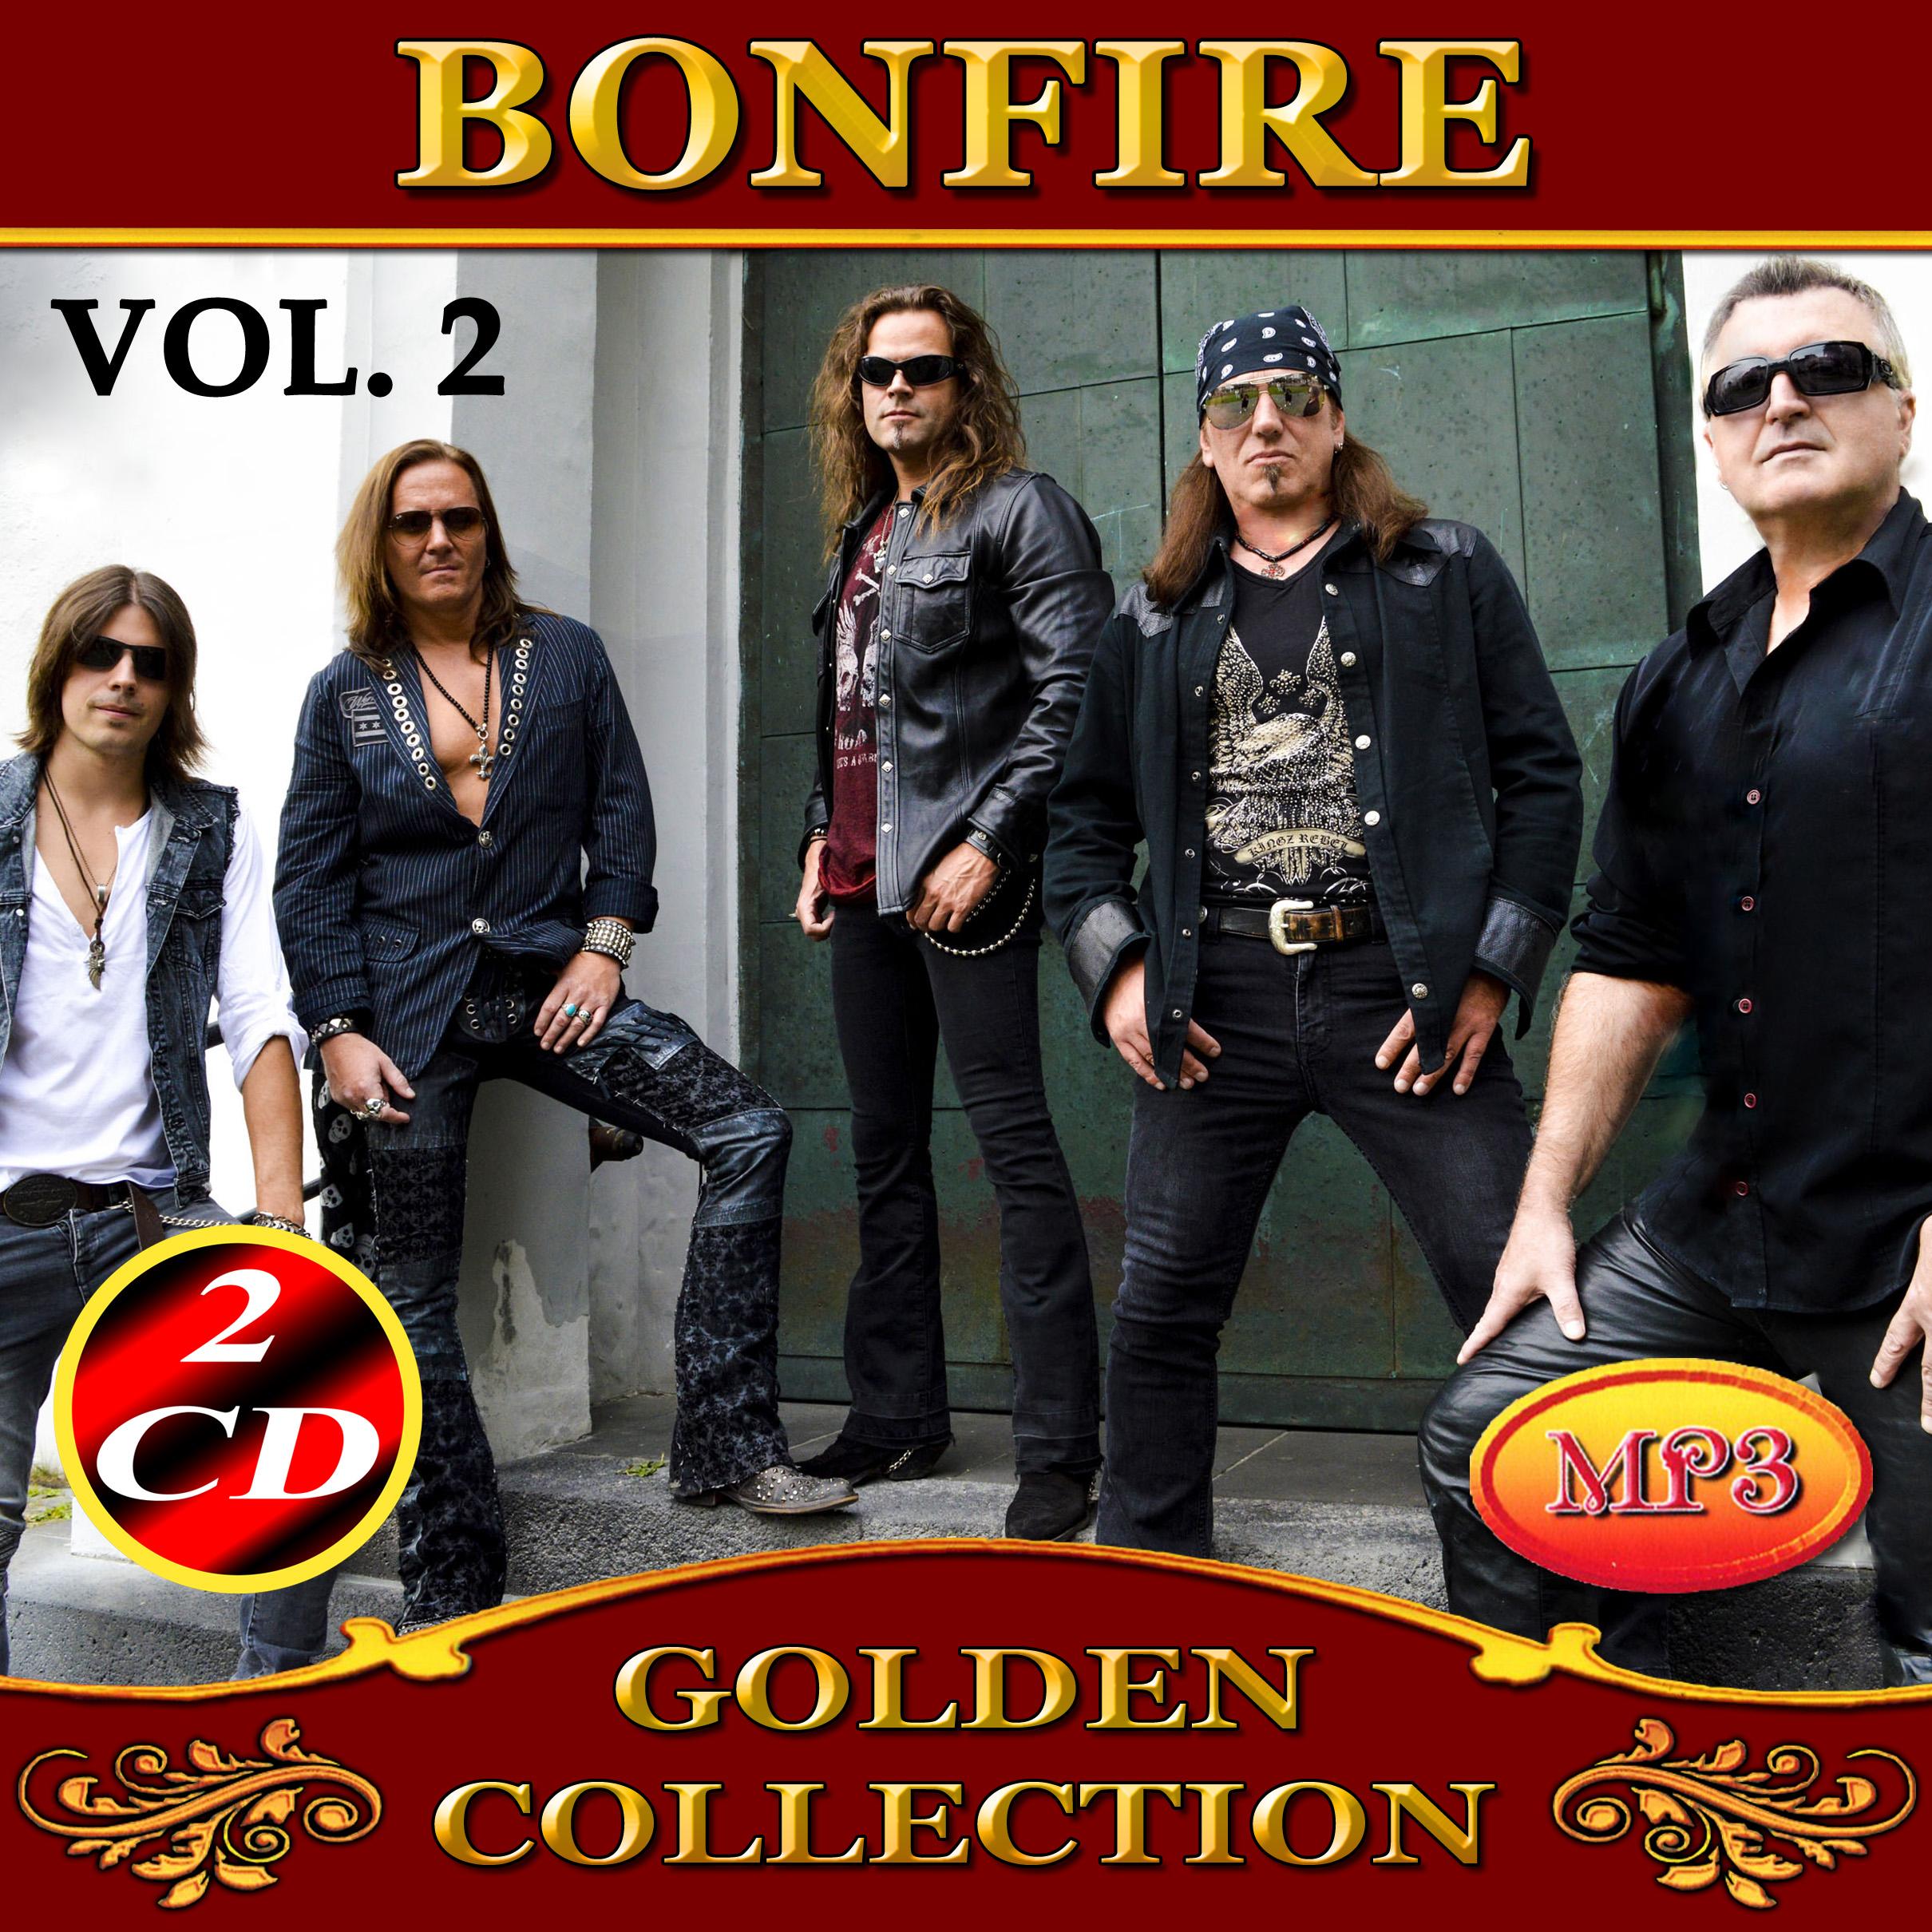 Bonfire 2ч 2cd [mp3]